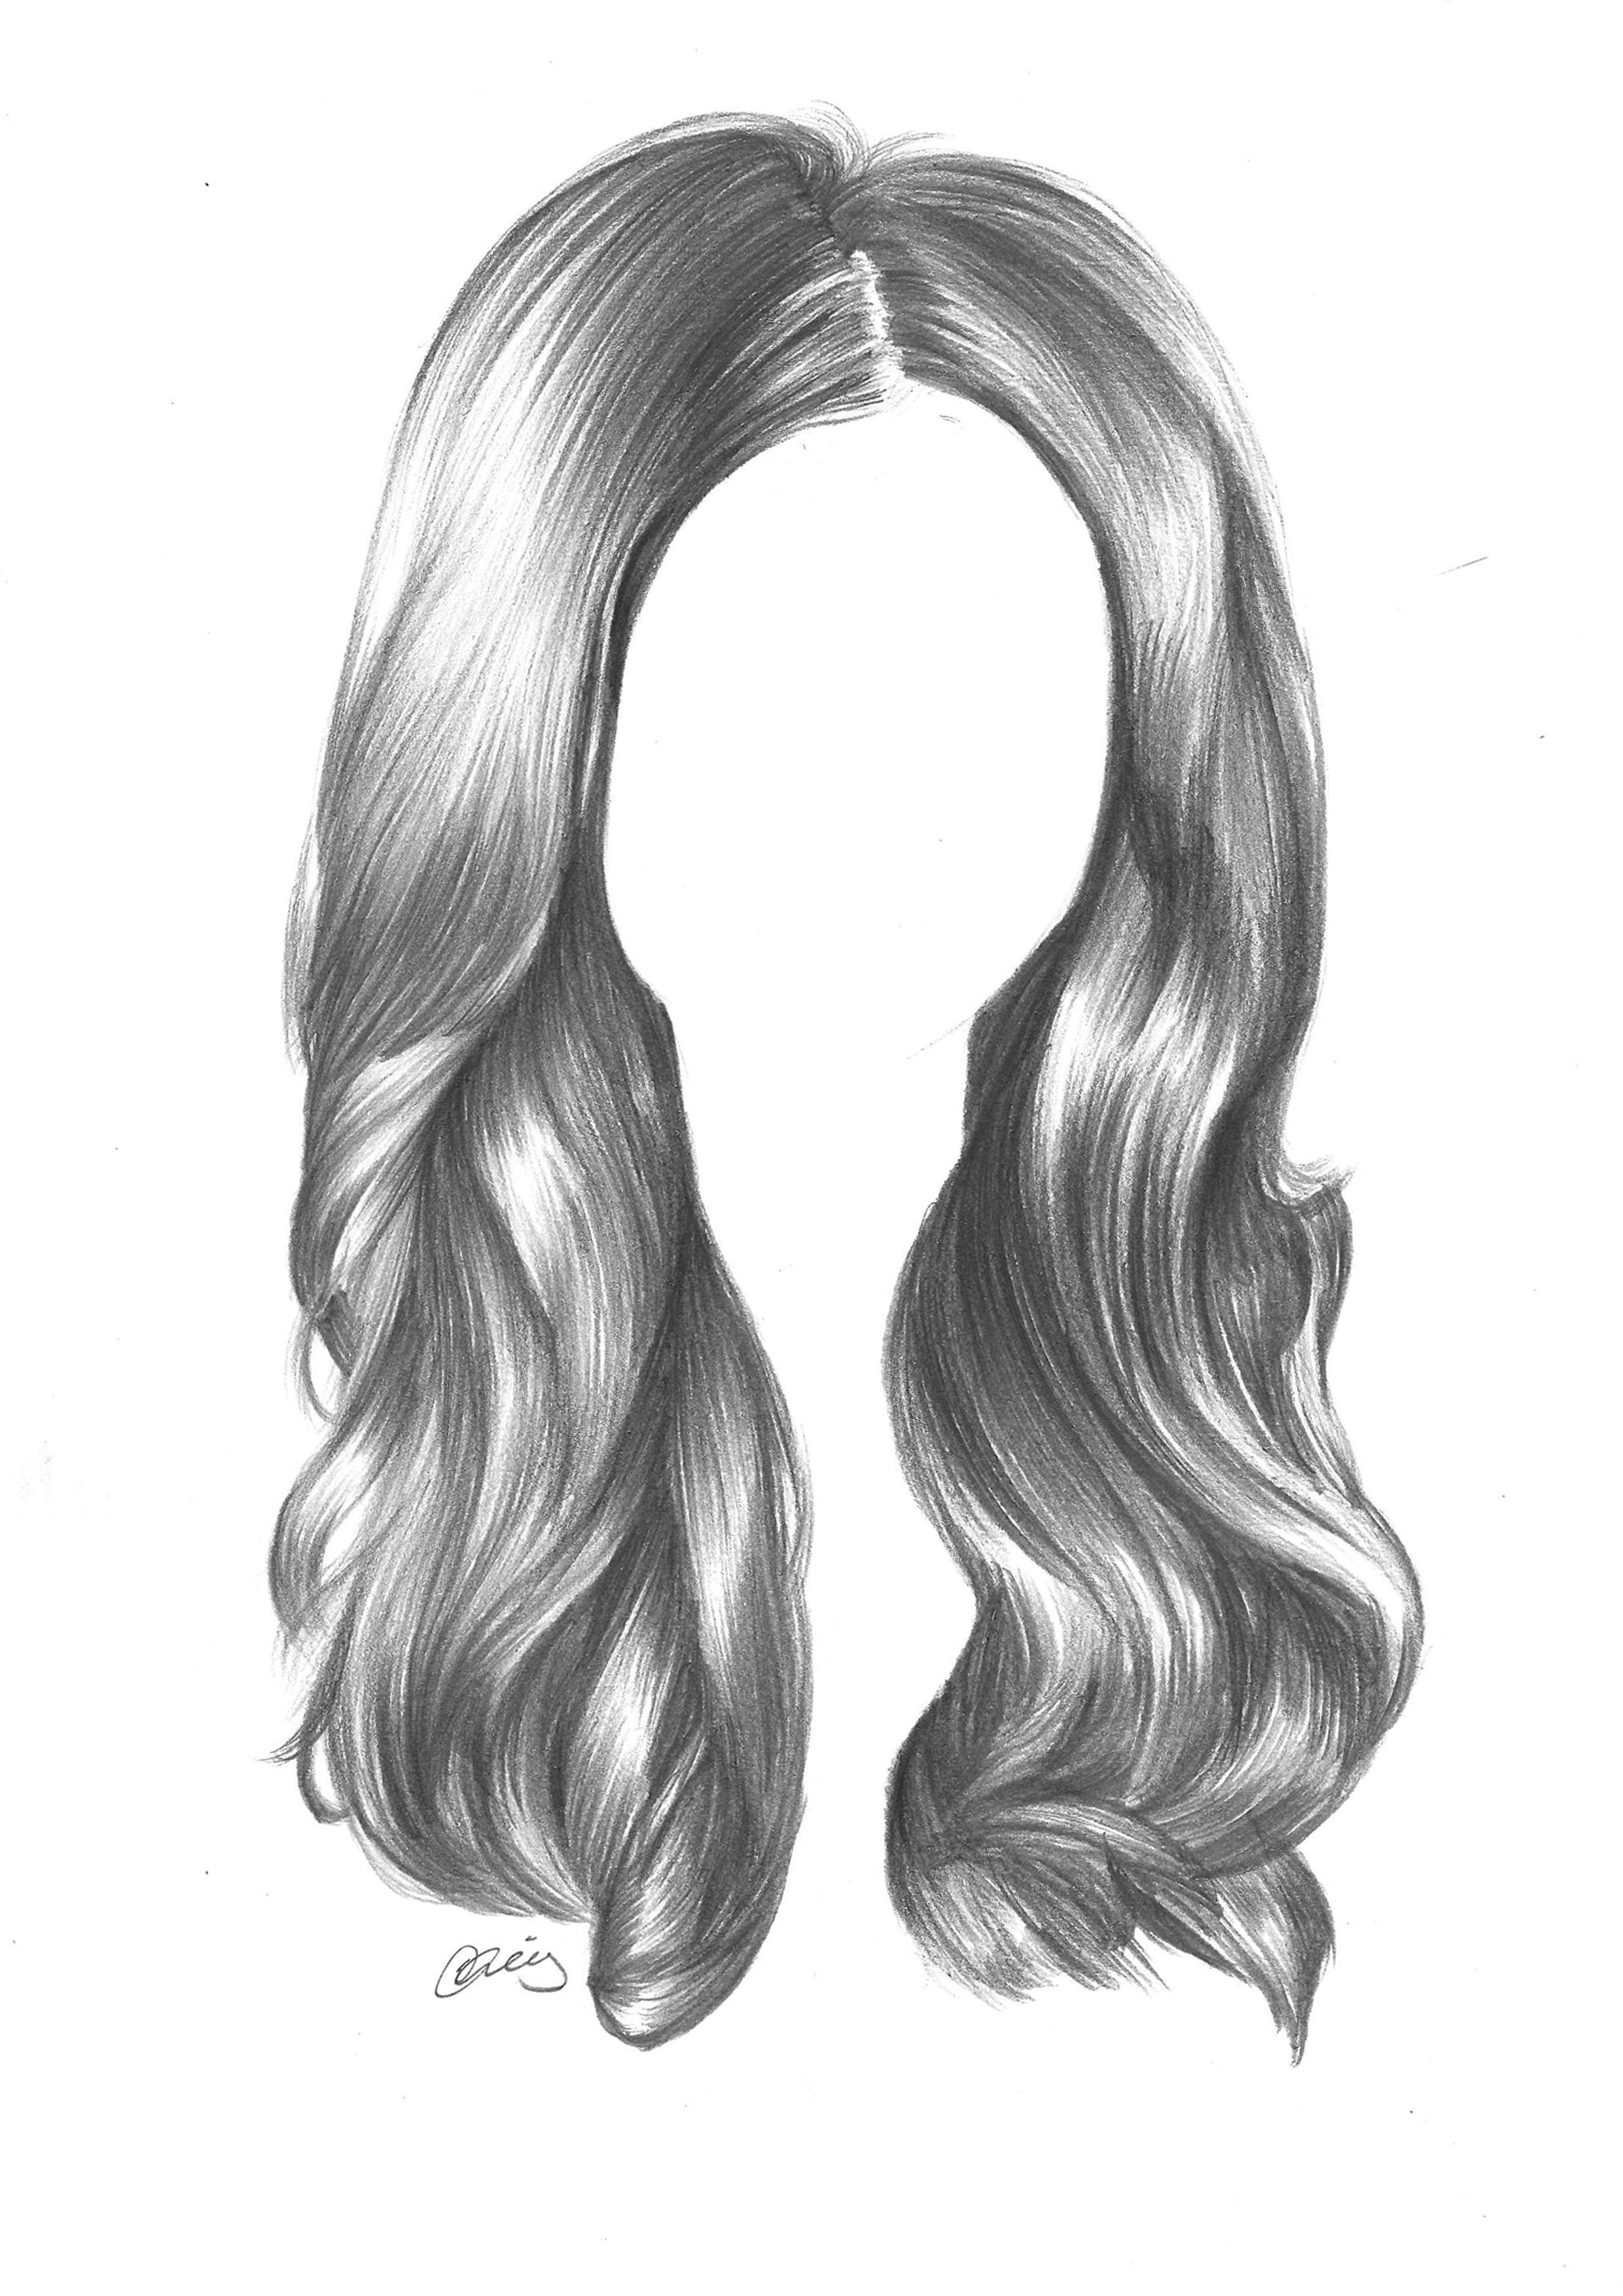 Drawn hair Hair pencils art graphite to